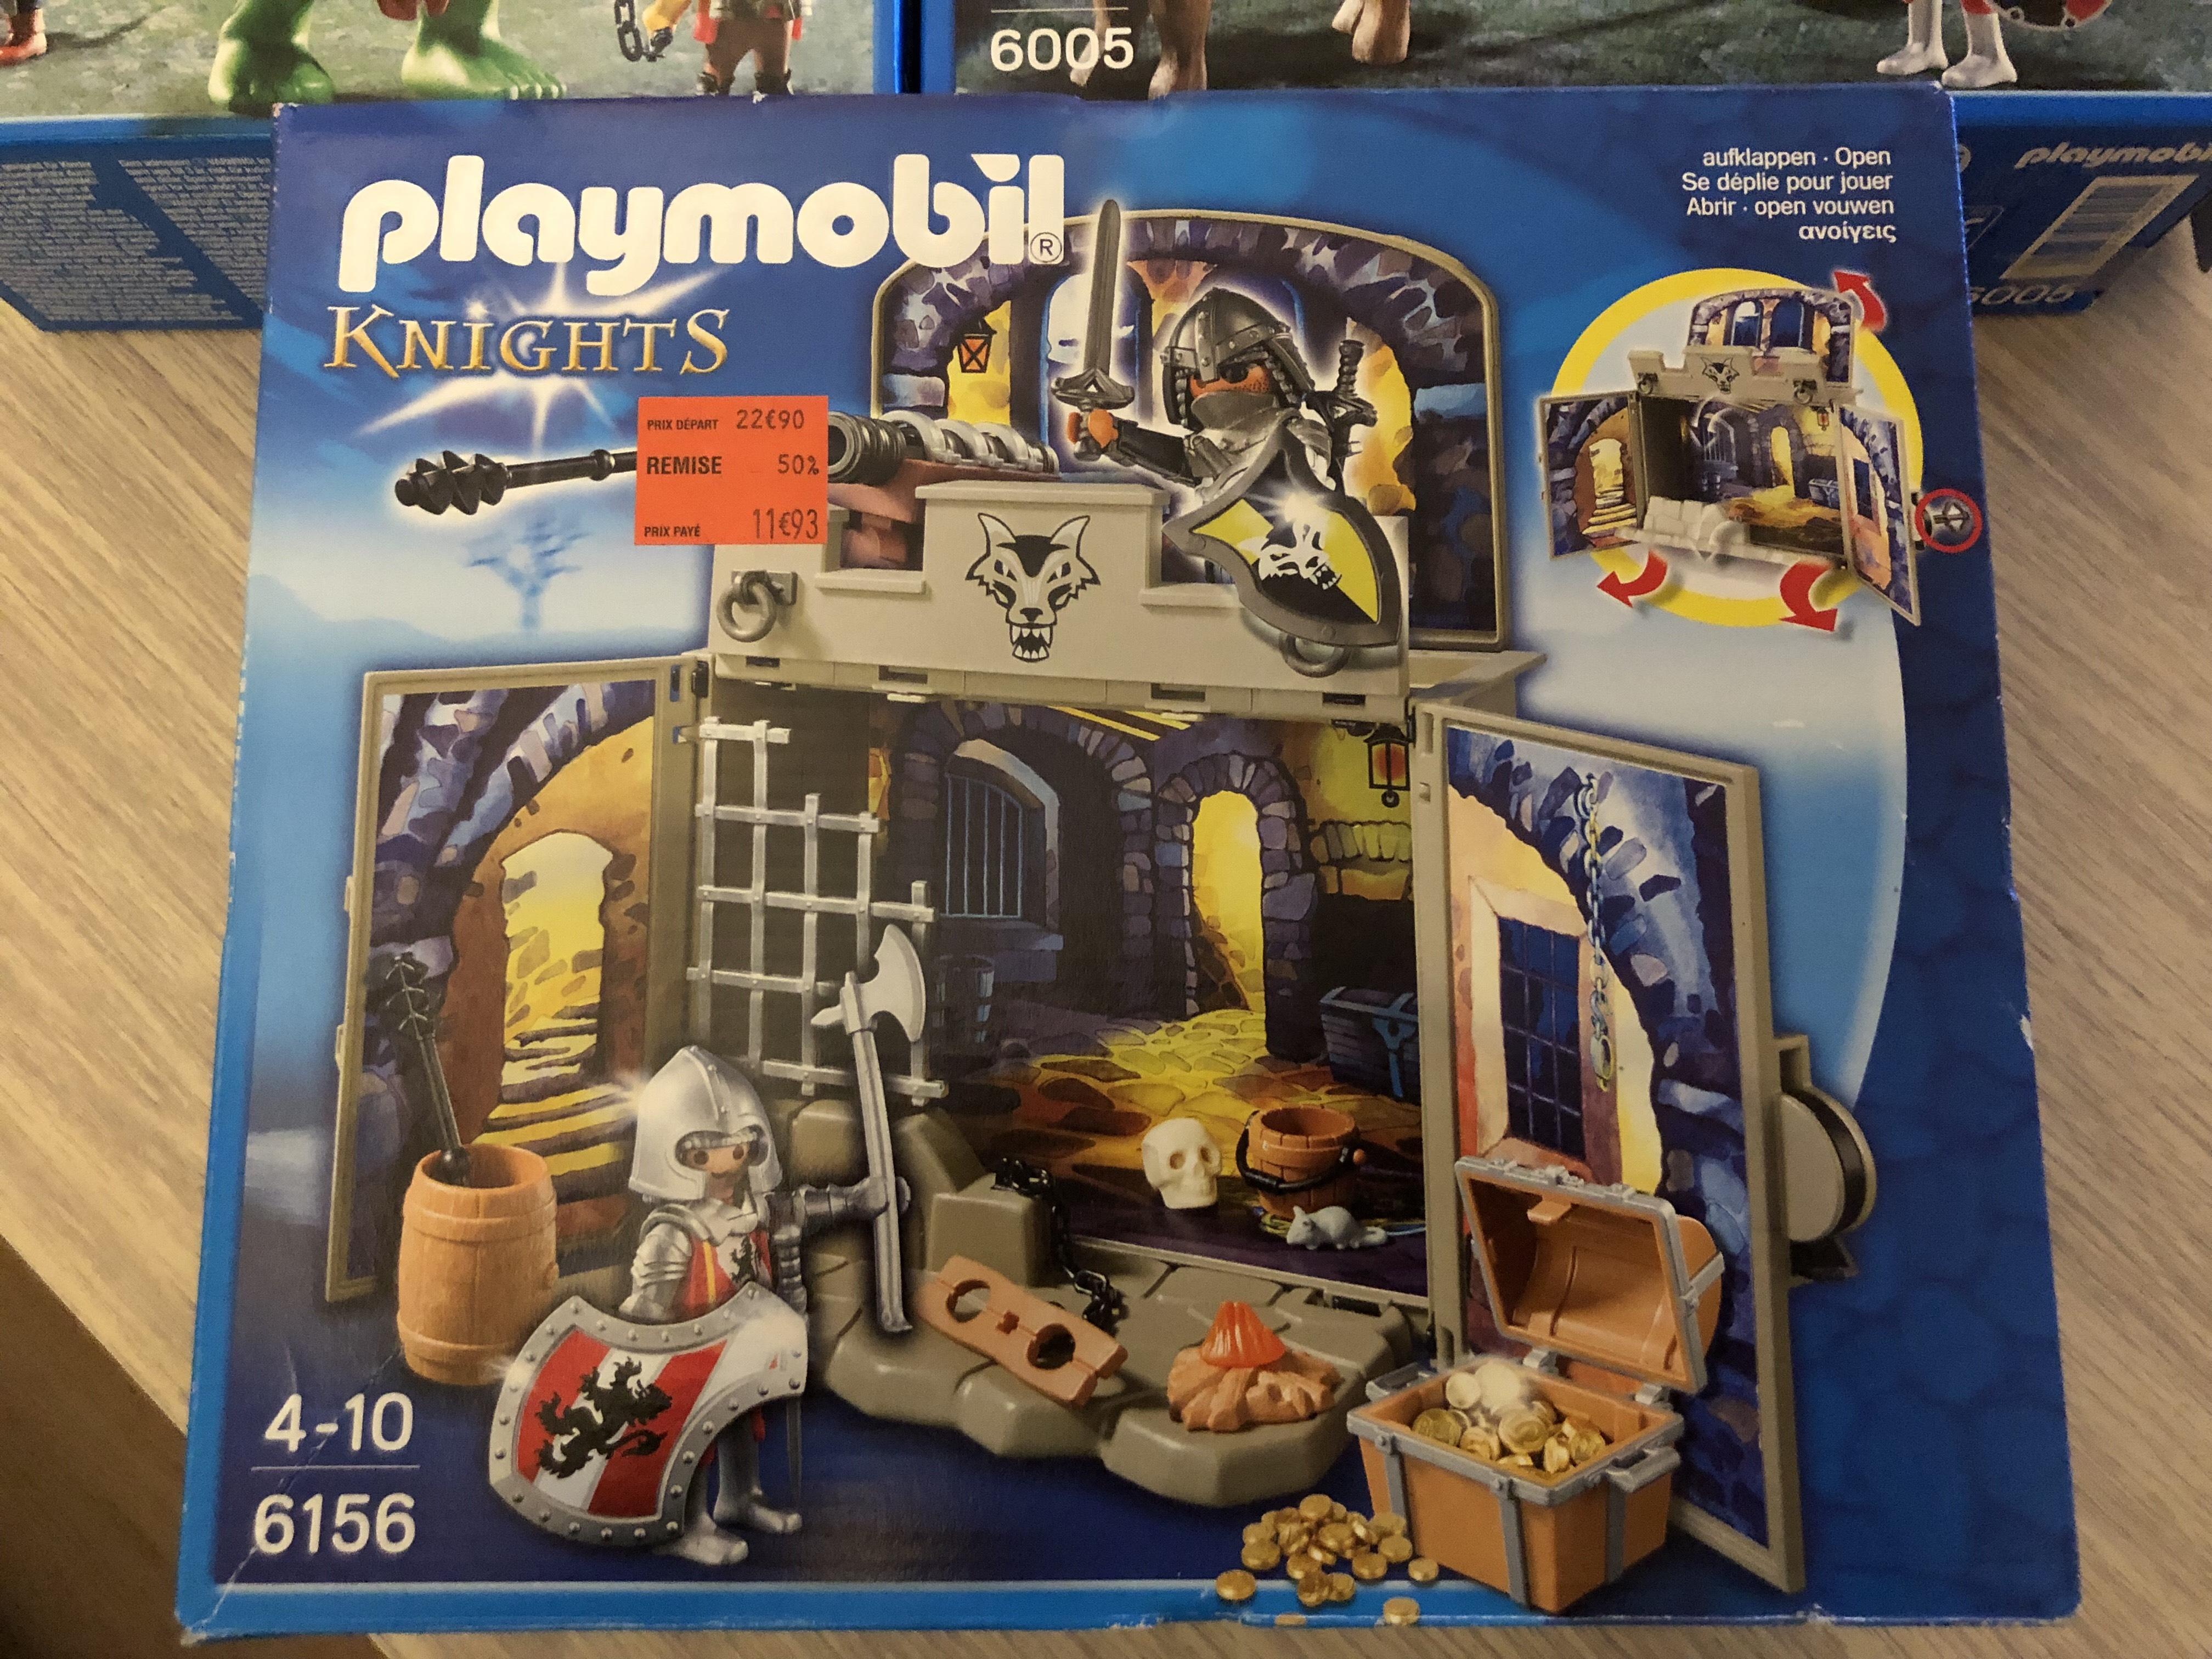 Jeu de construction Playmobil Knights - Le Mans (72)